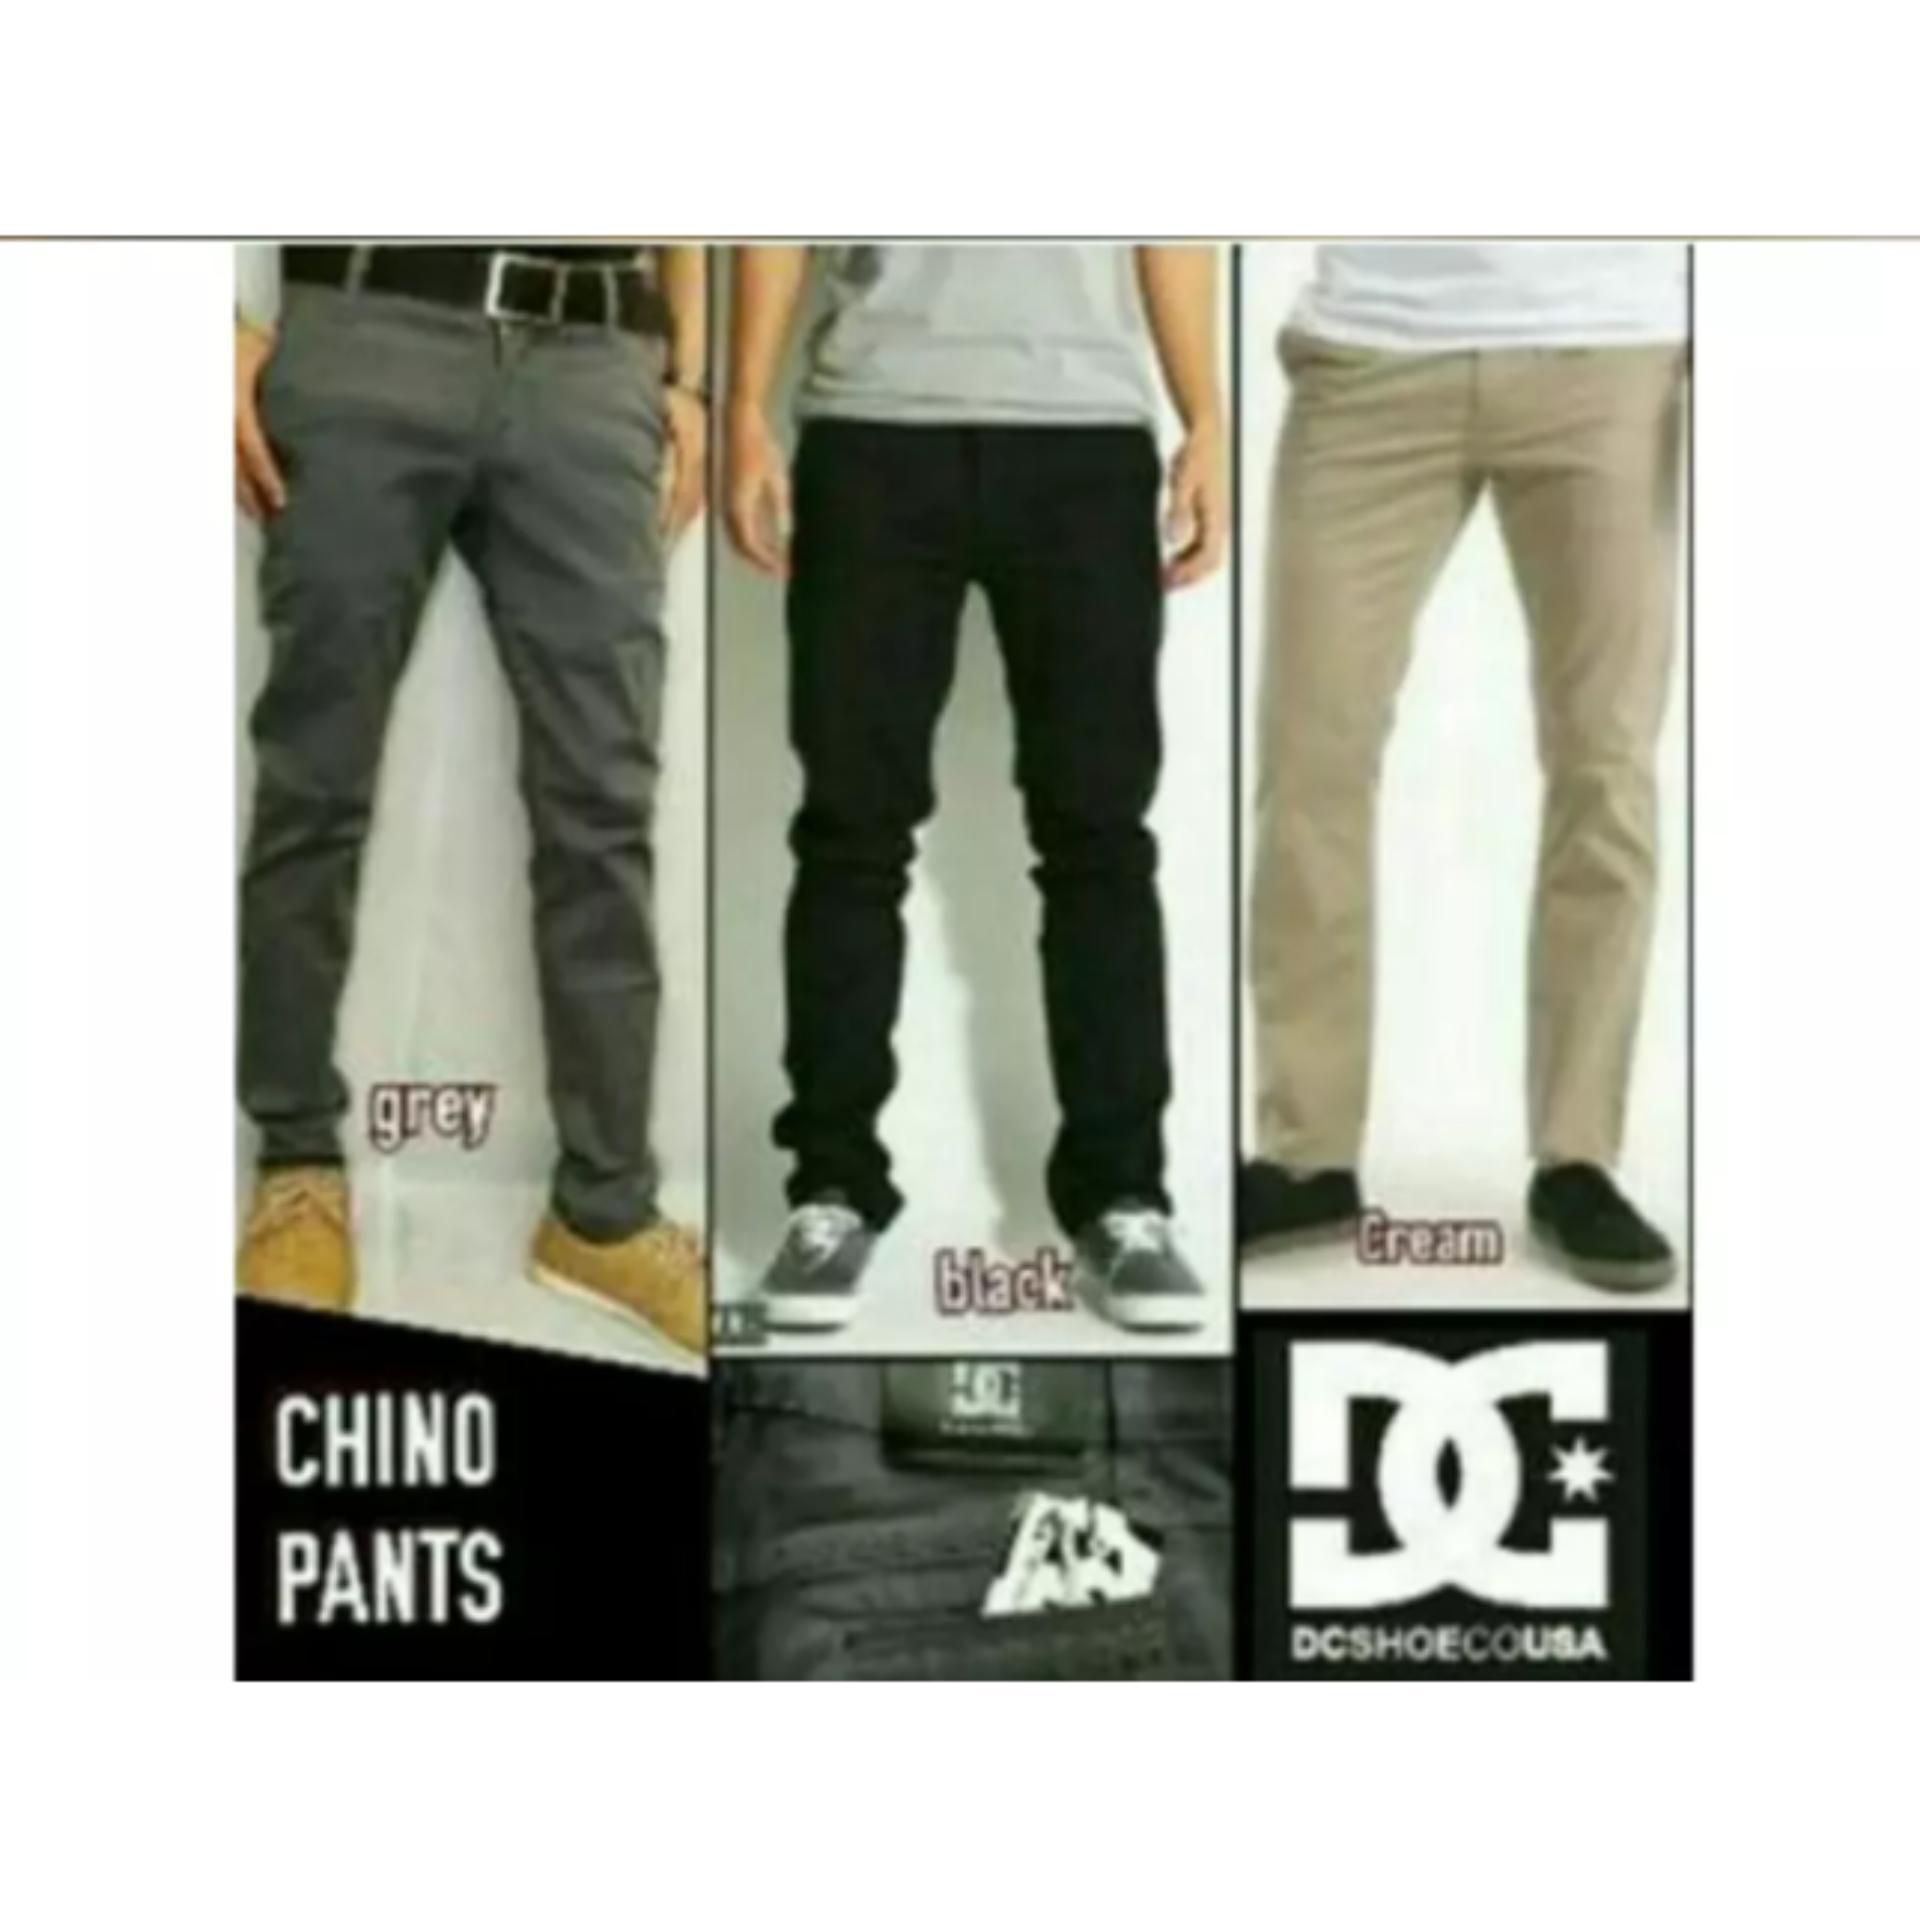 Fashion Pria Celana Panjang Size 27 28 29 30 31 32 33 34 Hitam, Cream